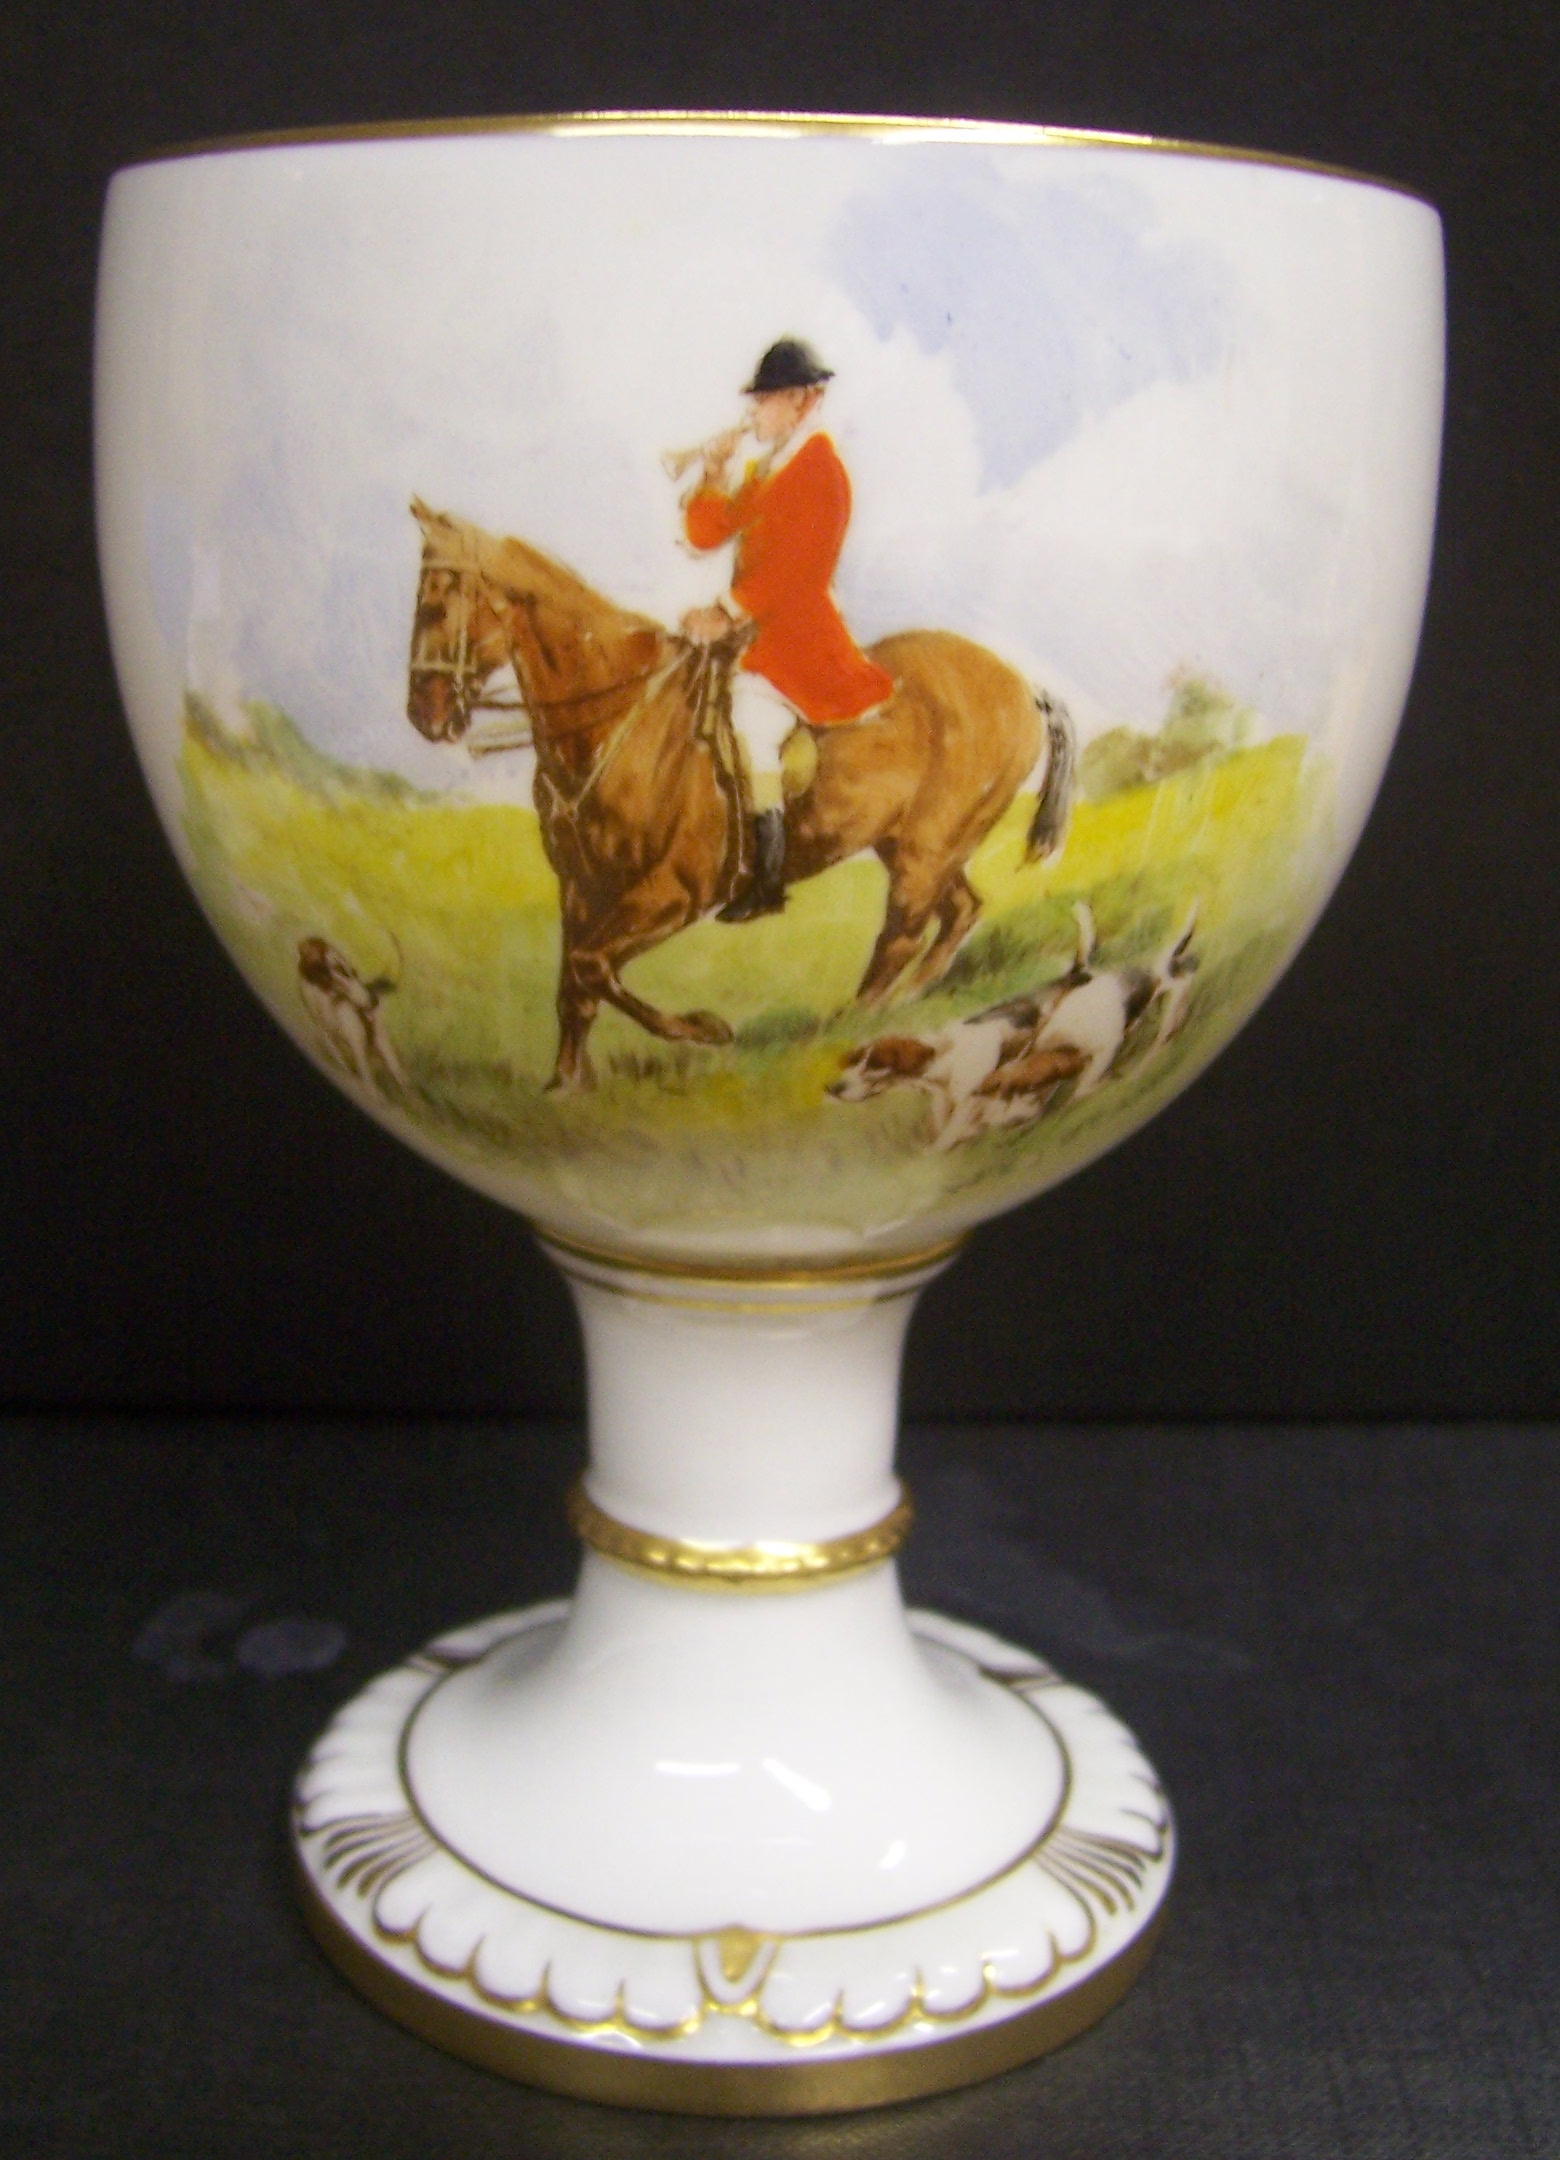 royal-crown-derby-goblet-1942-shape-dean-hunting-scene